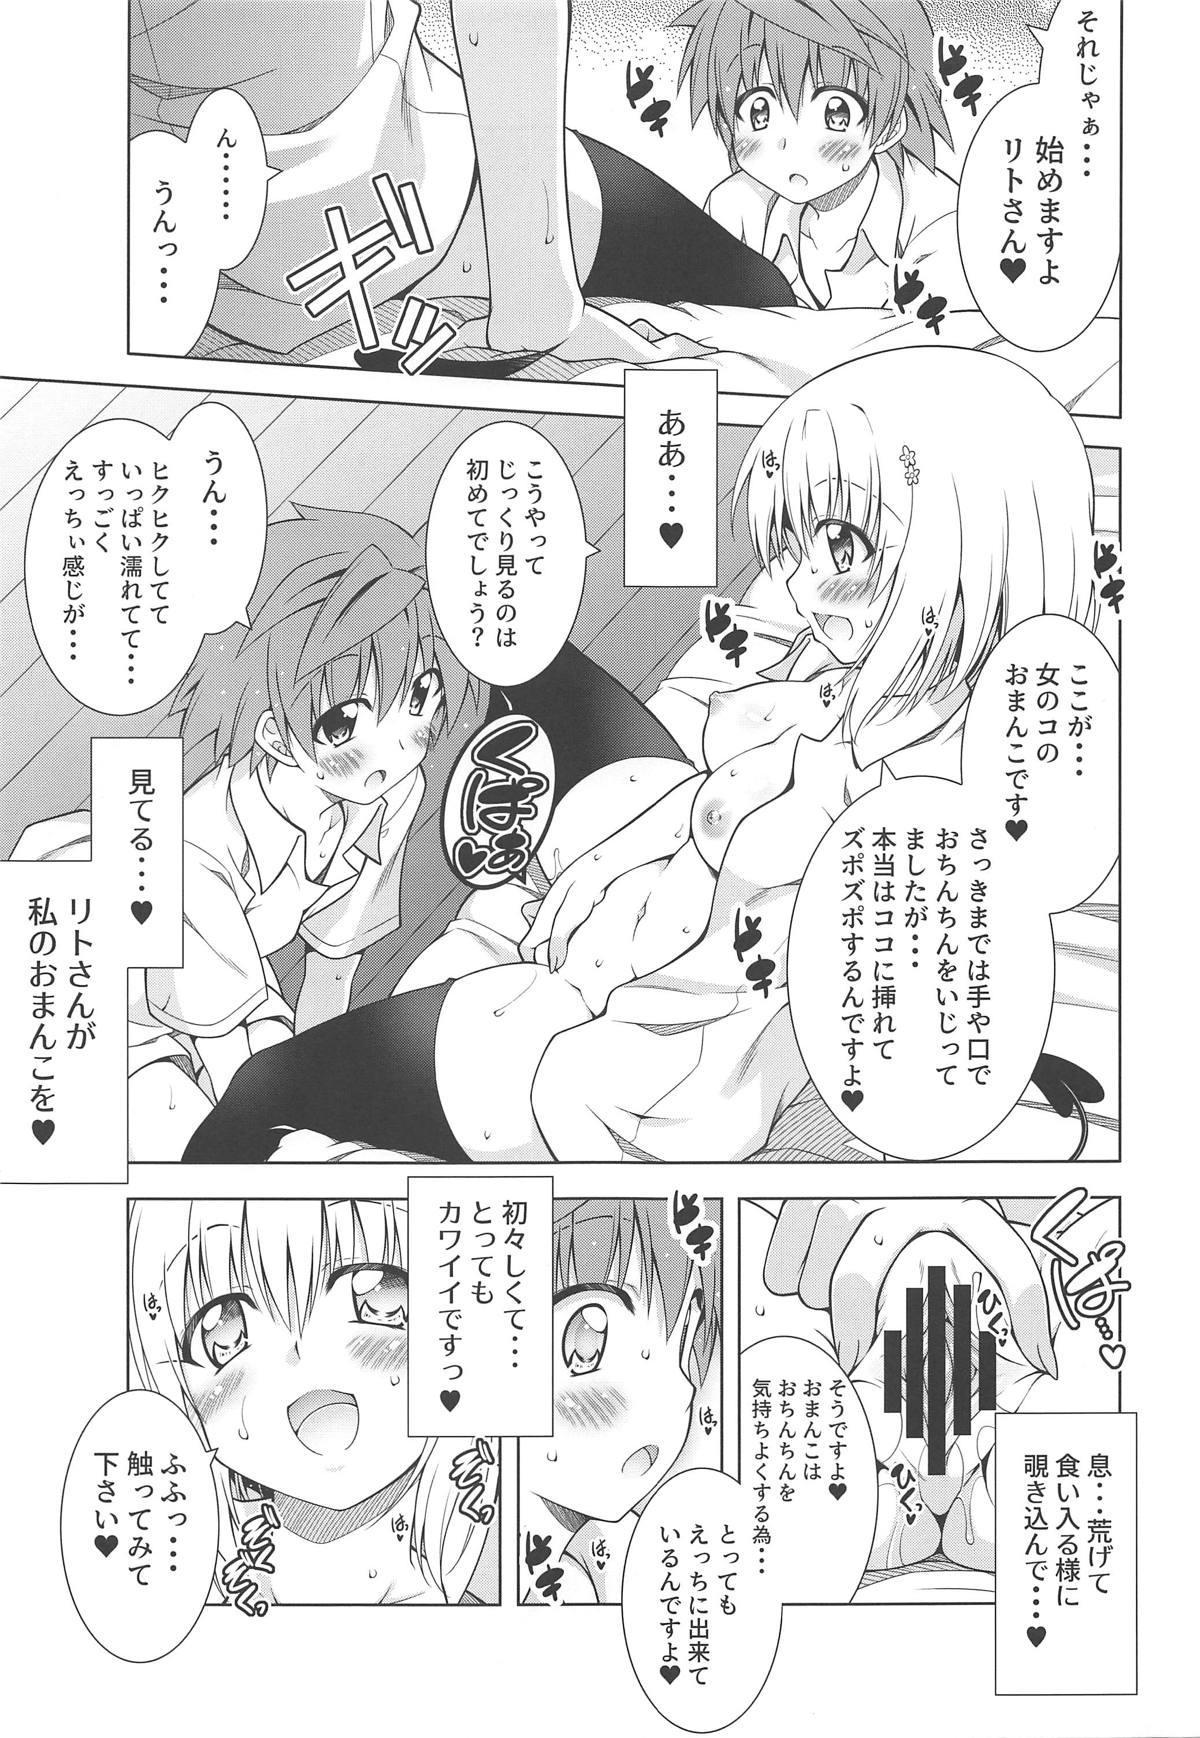 Rito-san no Harem Seikatsu 7 16